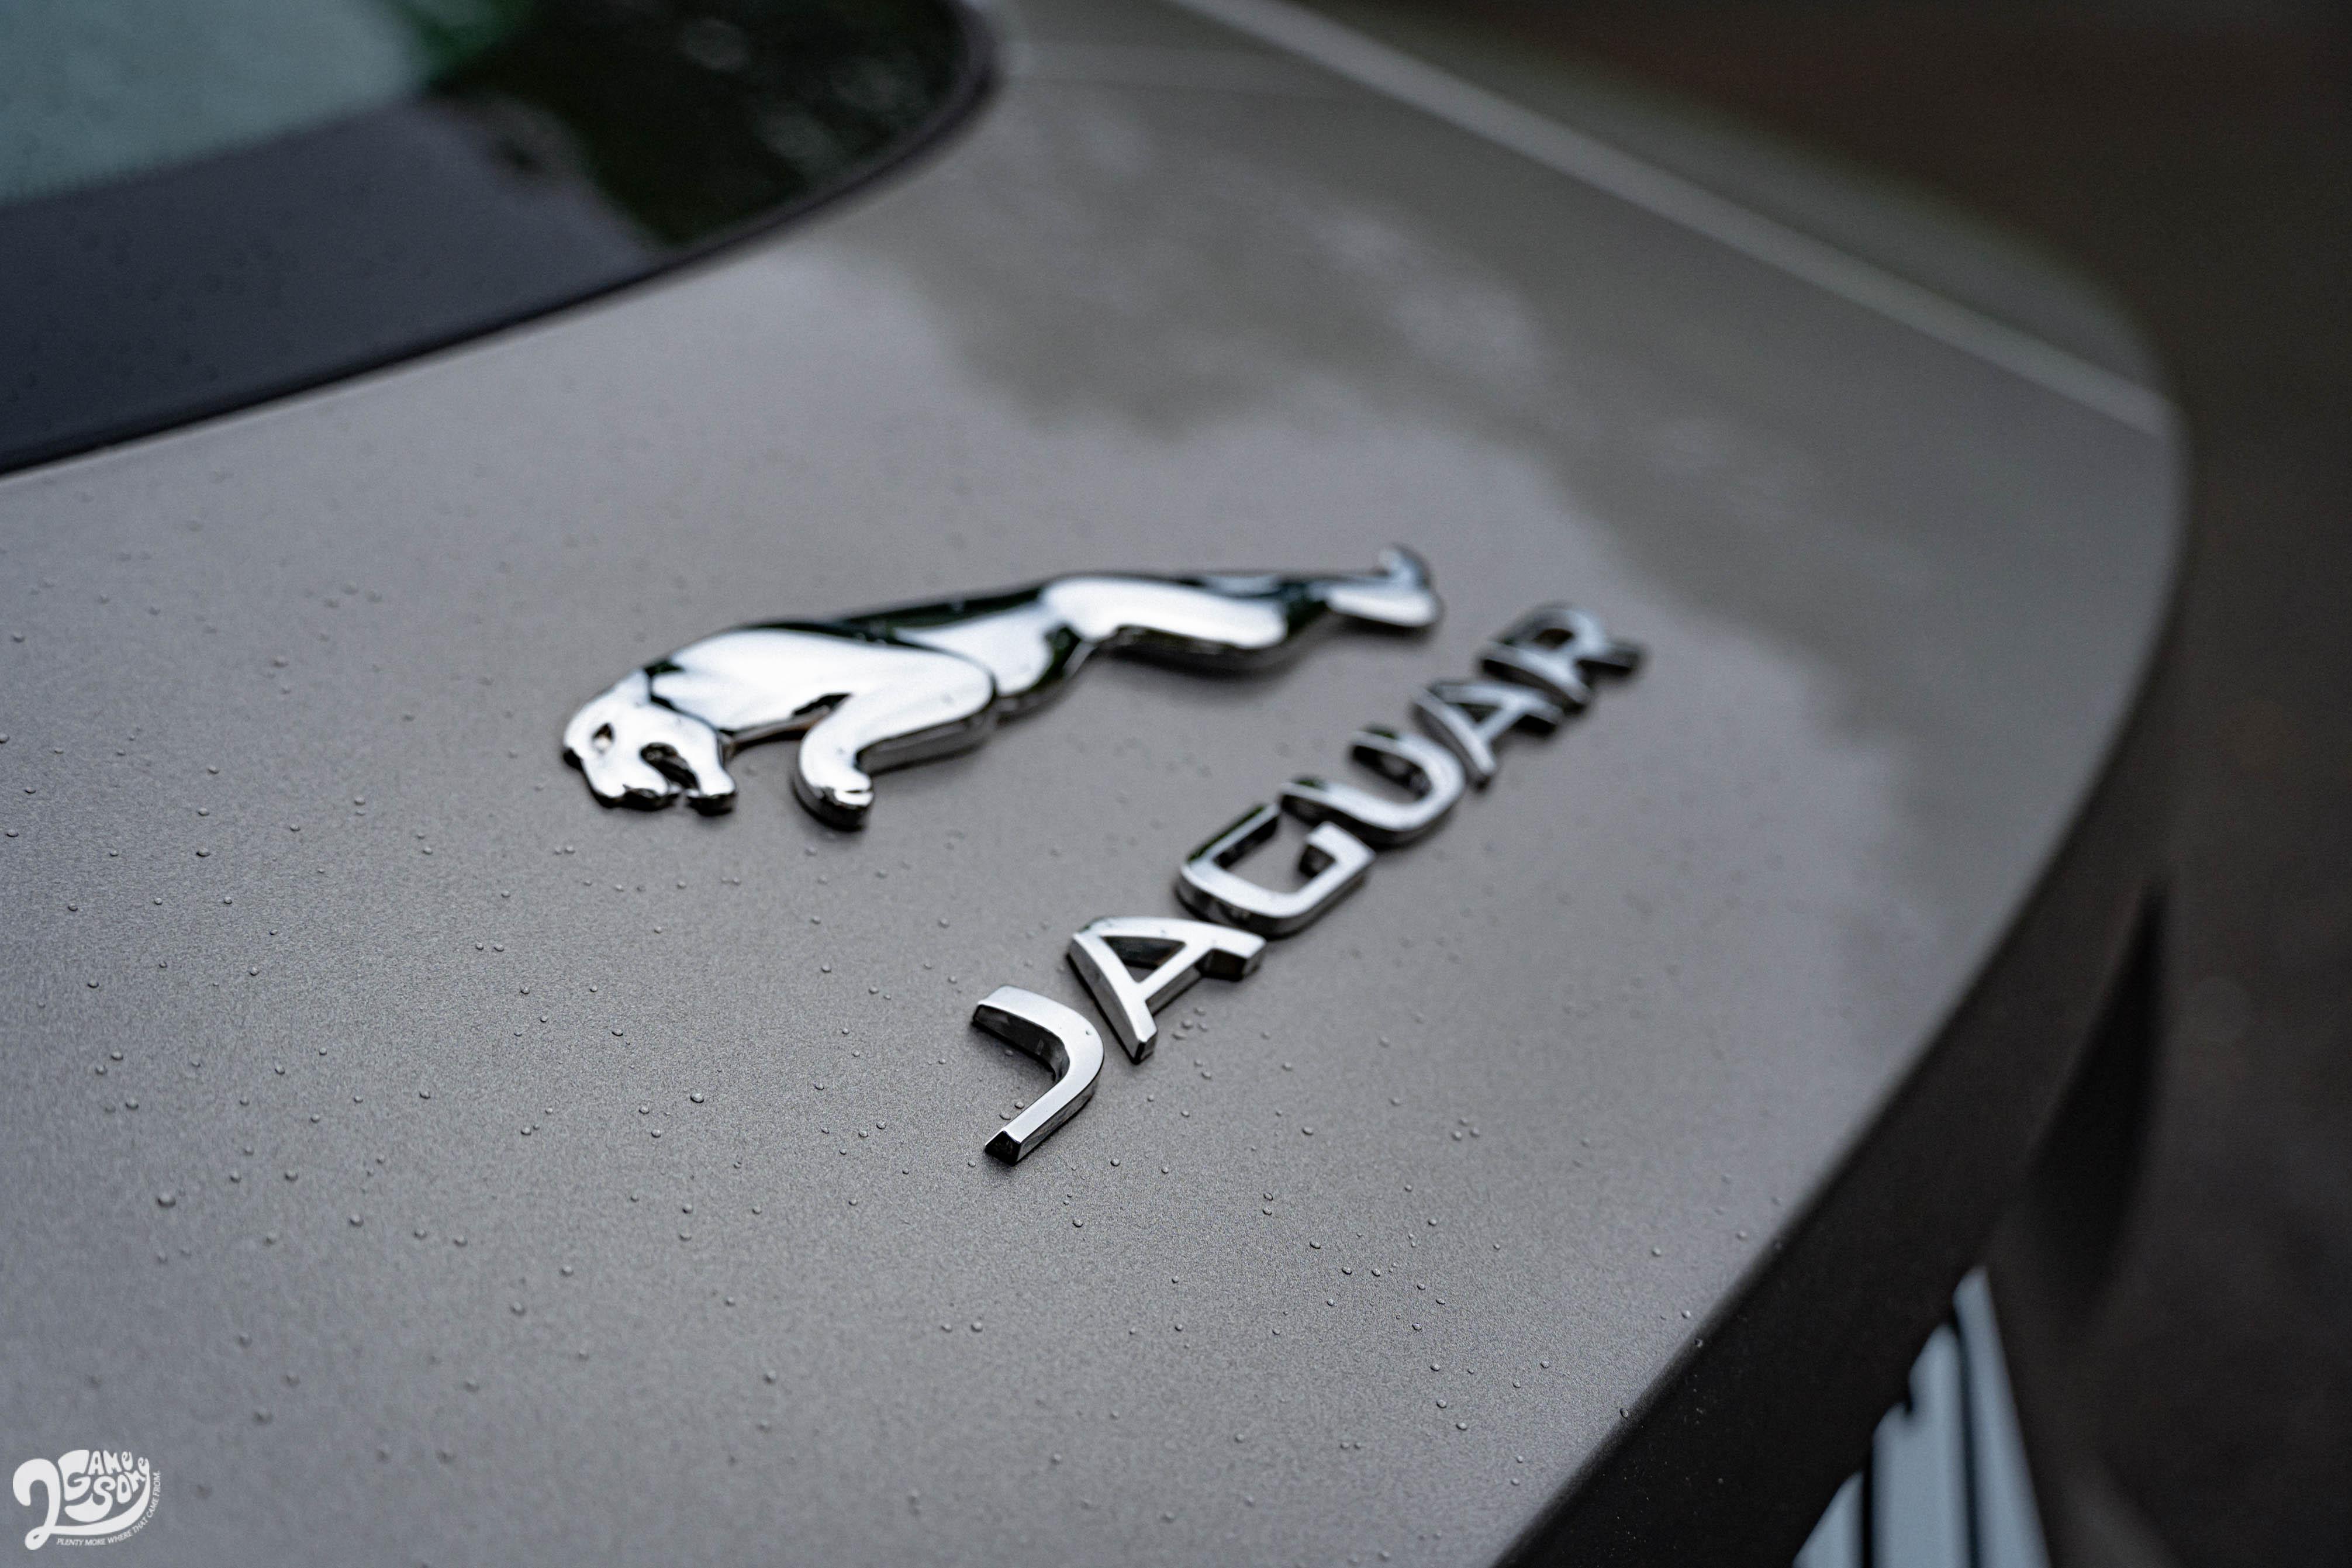 偌大的美洲豹與品牌字樣,點出 F-Type 的血統驕傲。